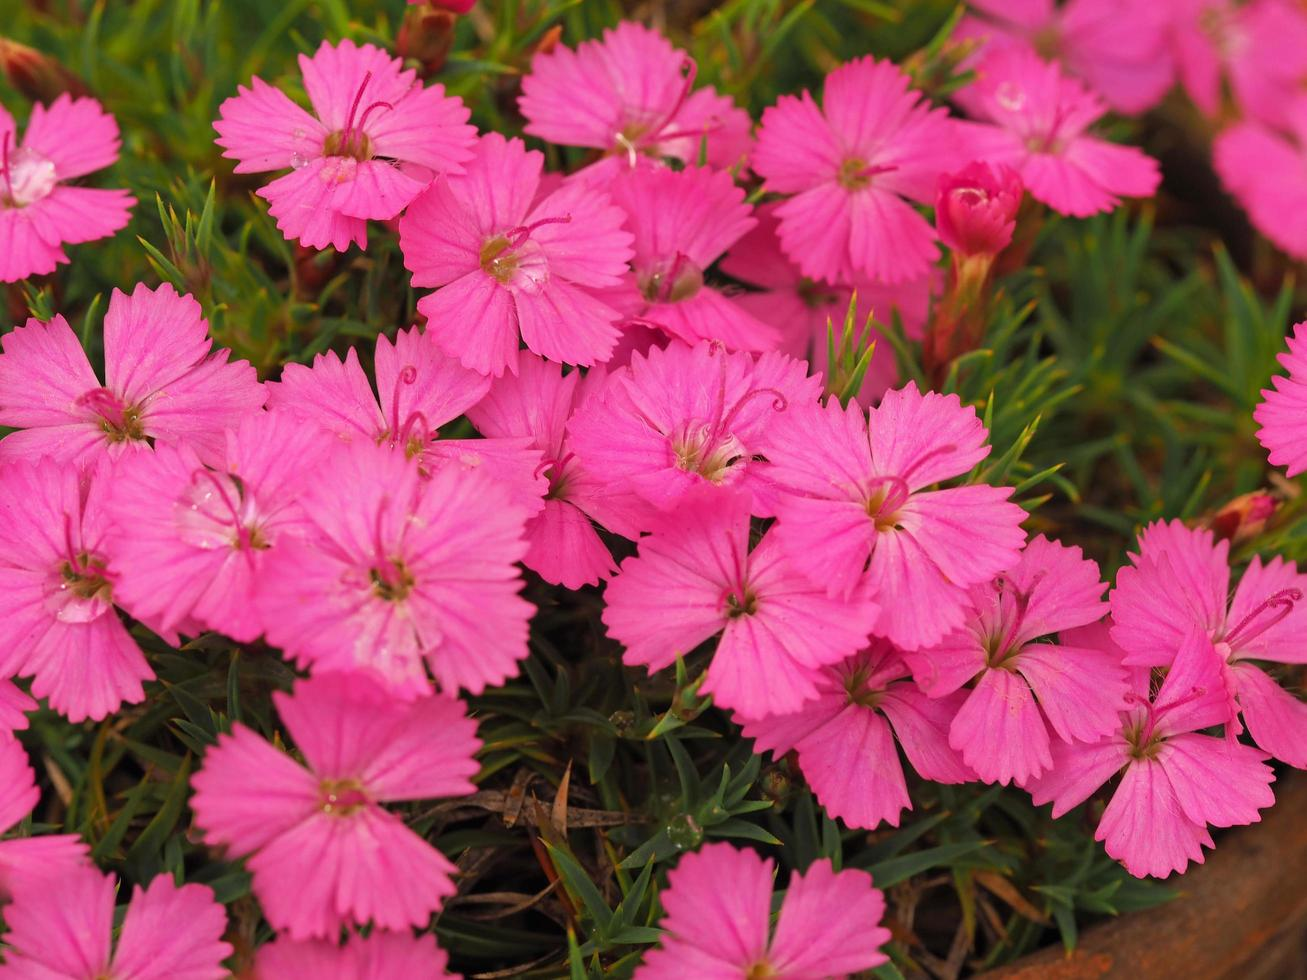 Bonitas y pequeñas flores rosadas de dianthus inshriak deslumbrante foto